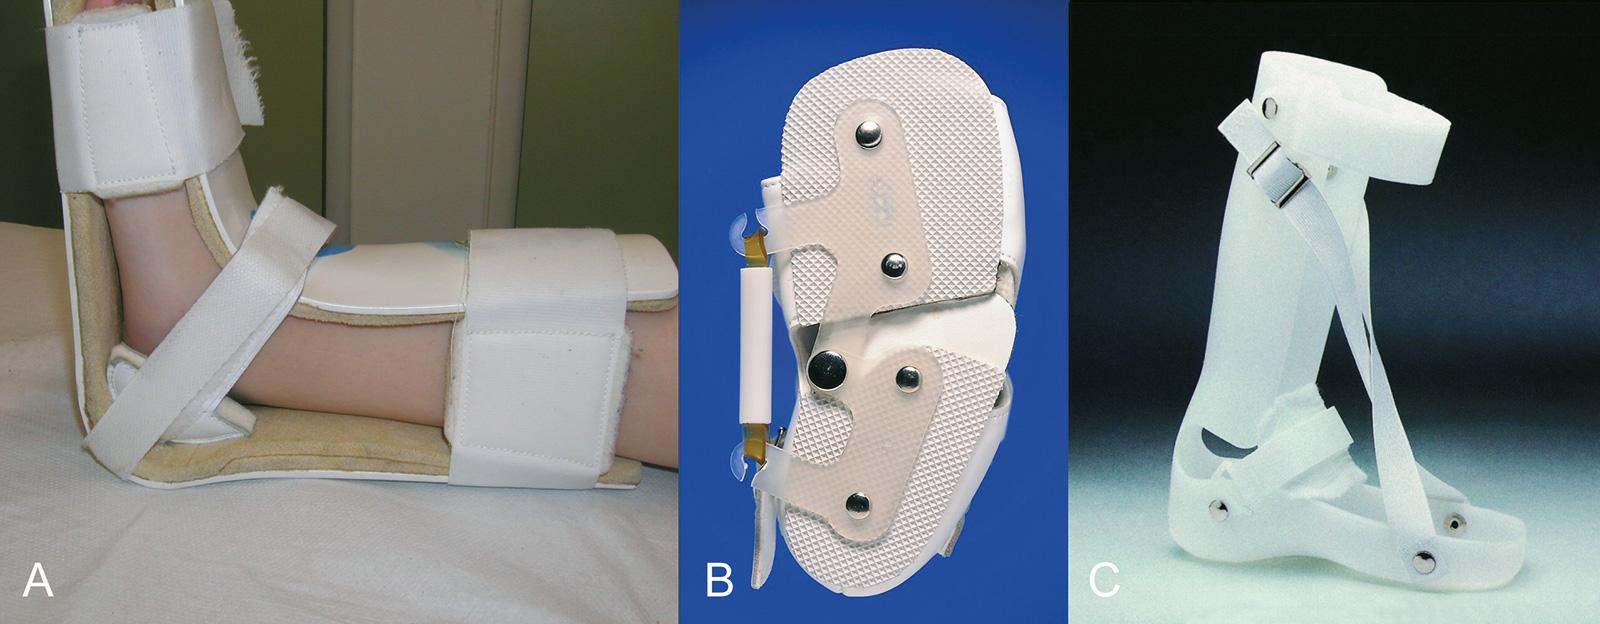 Abb. 4-53: Nachtlagerungsschiene zur Spitzfußprophylaxe (A), GloboPed Sichelfußorthese (B), GloboPed dynamische dorsale Lagerungsschiene (C) (B & C: Mit freundlicher Genehmigung der Bauerfeind GmbH)